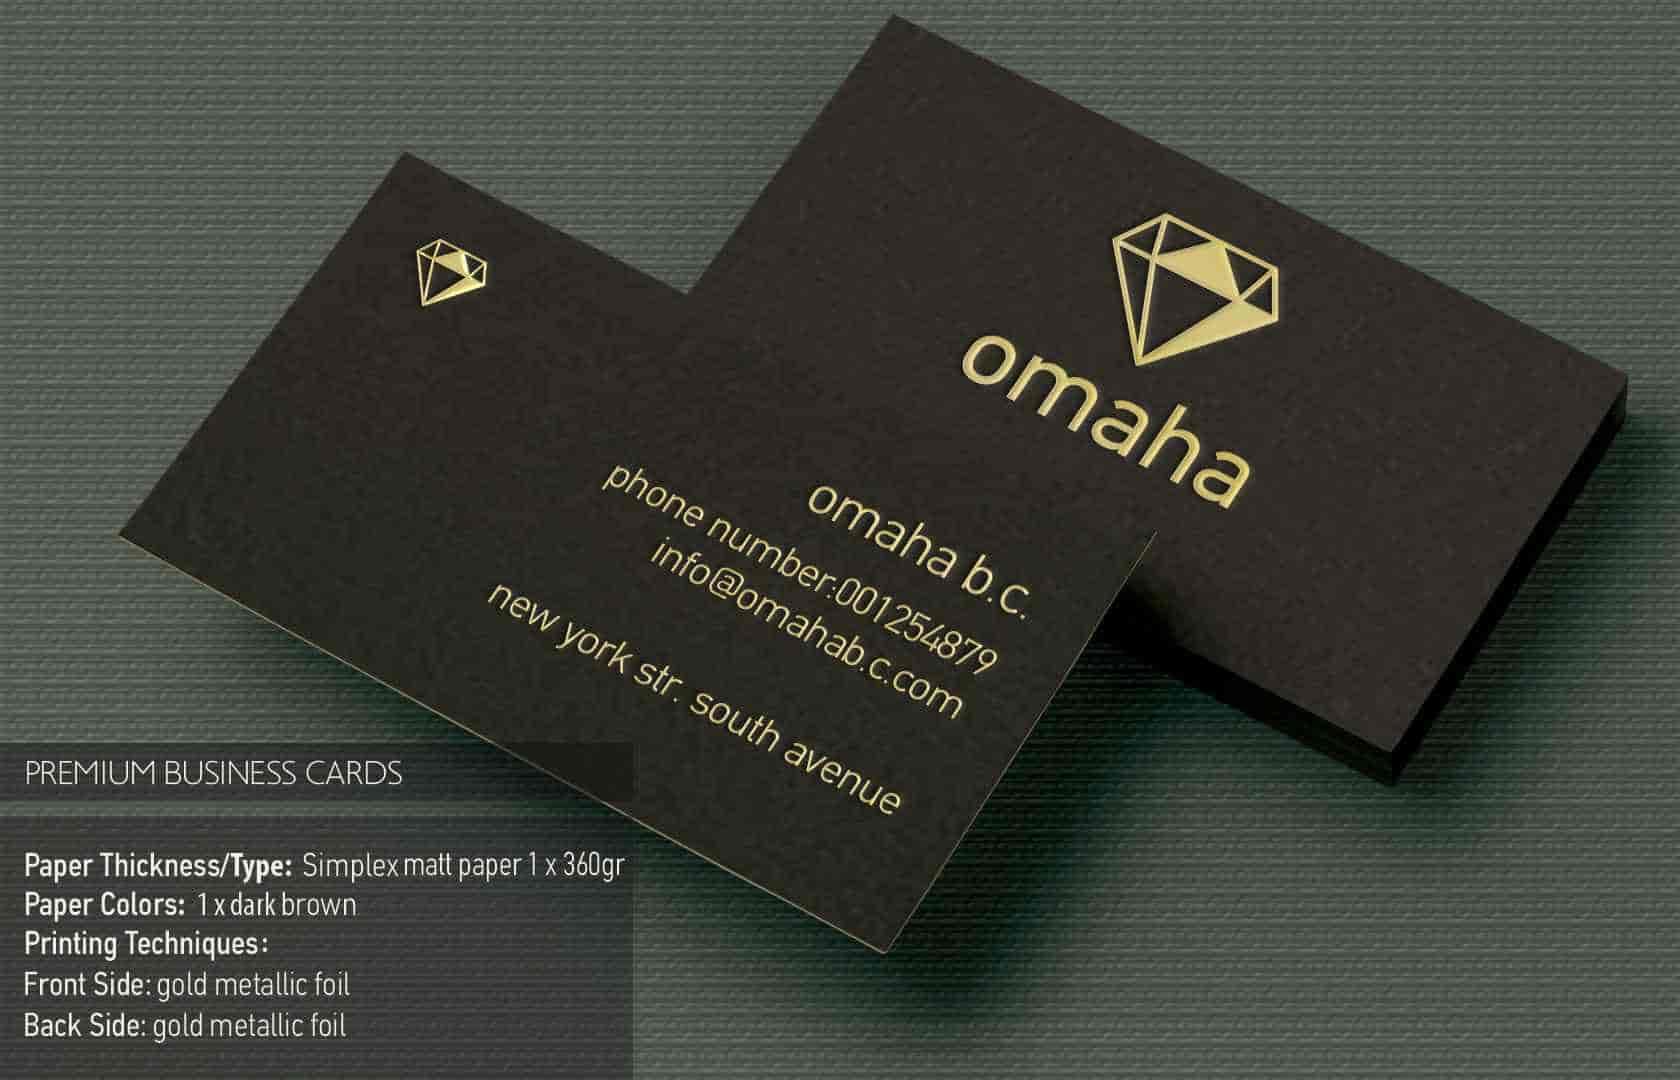 simplex brown matt paper perakis 1.2.446 360 min